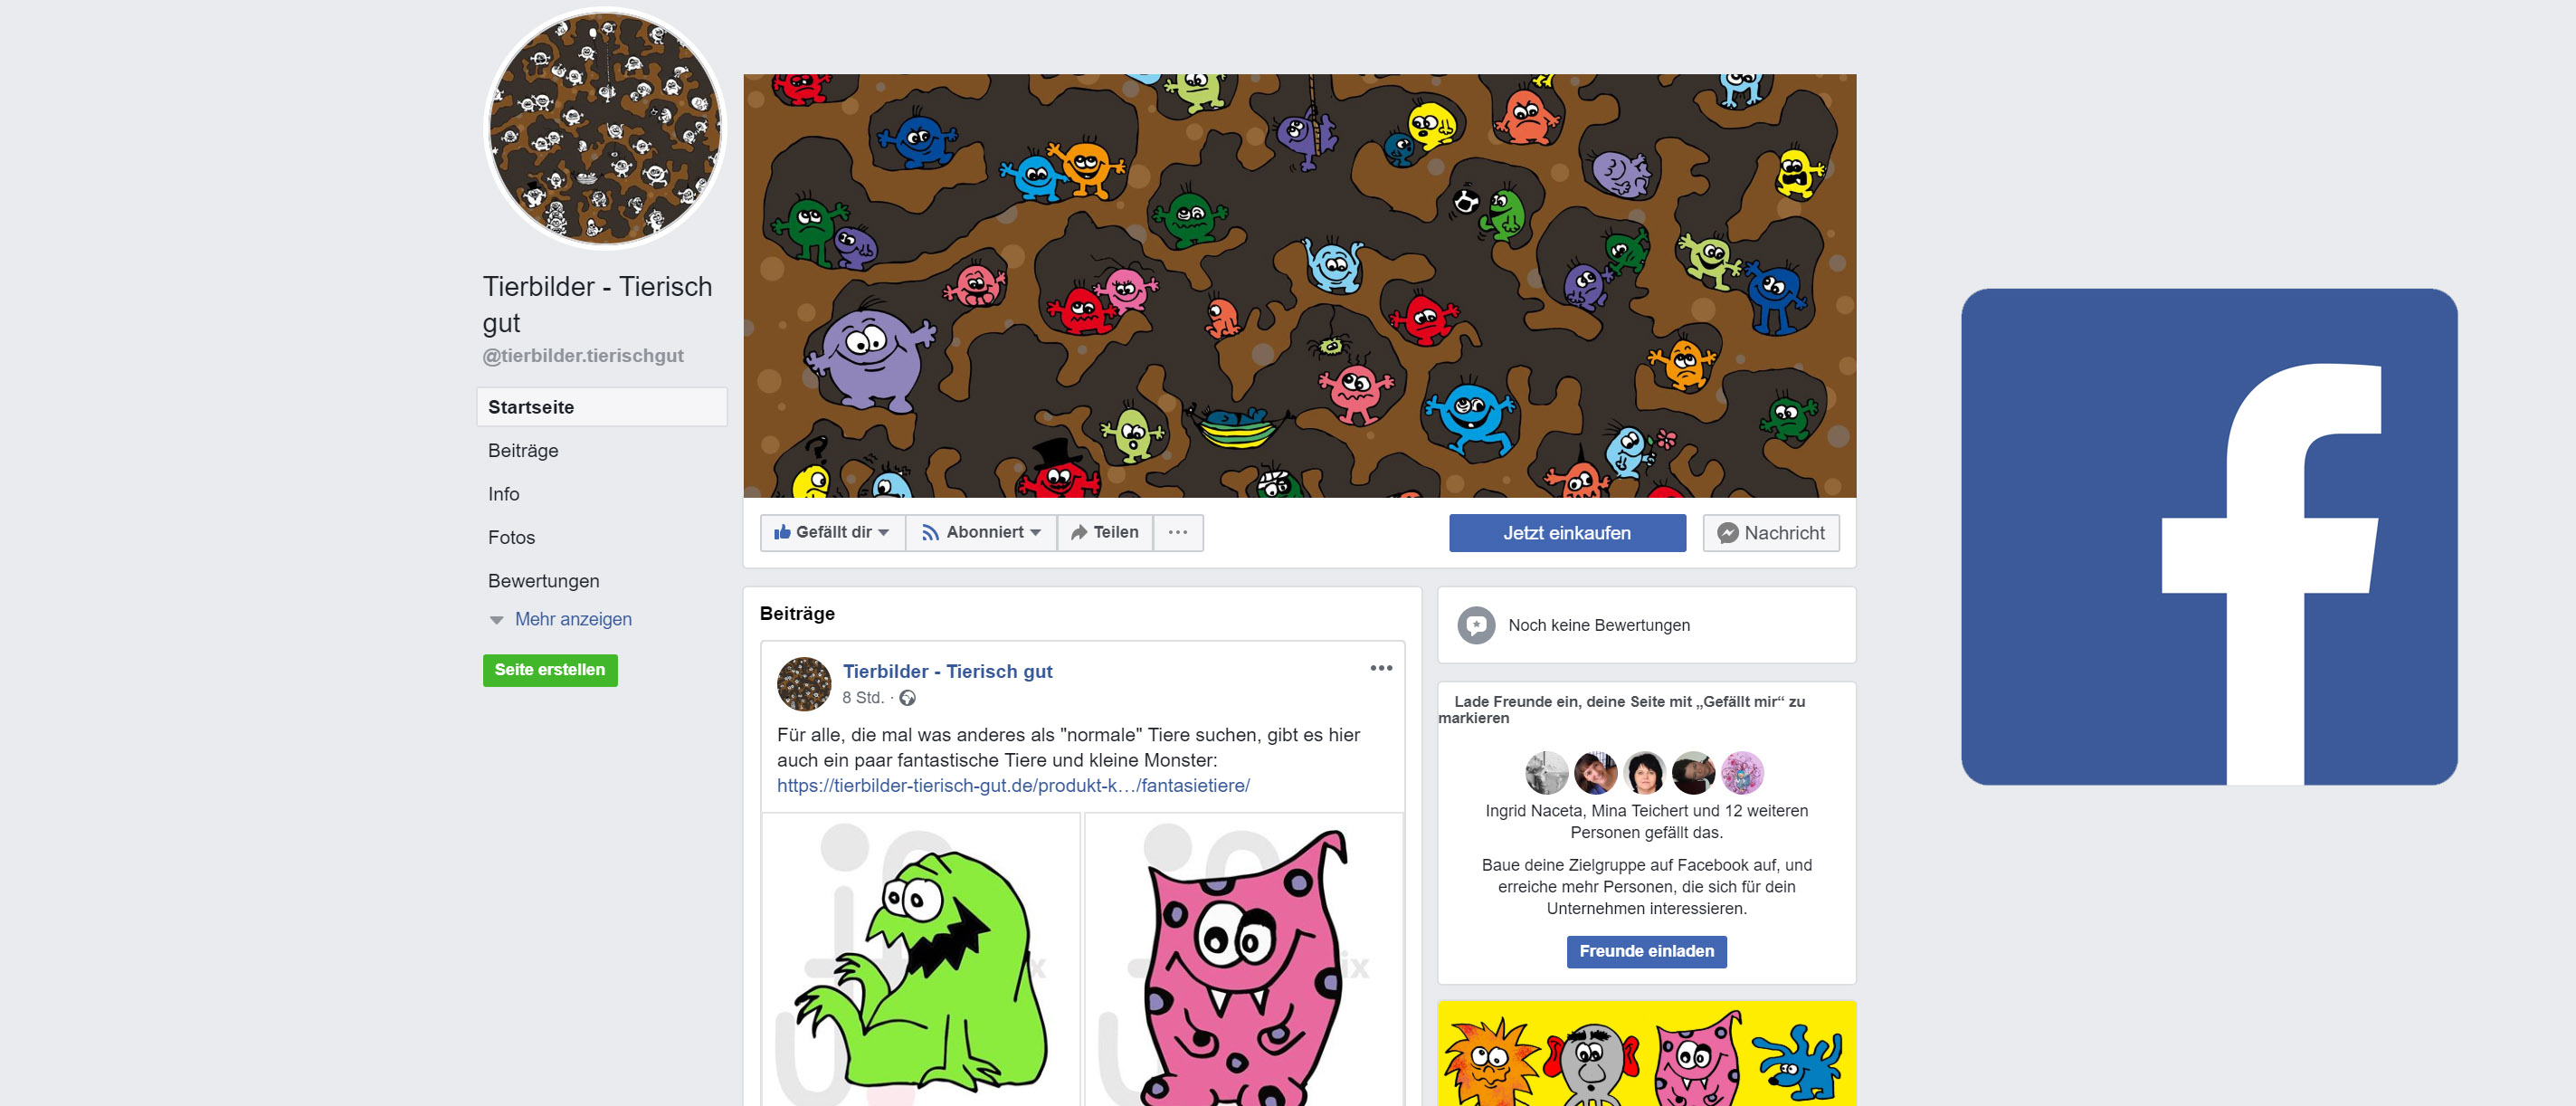 Tierbilder. Tierisch gut! Jetzt auch bei Facebook!